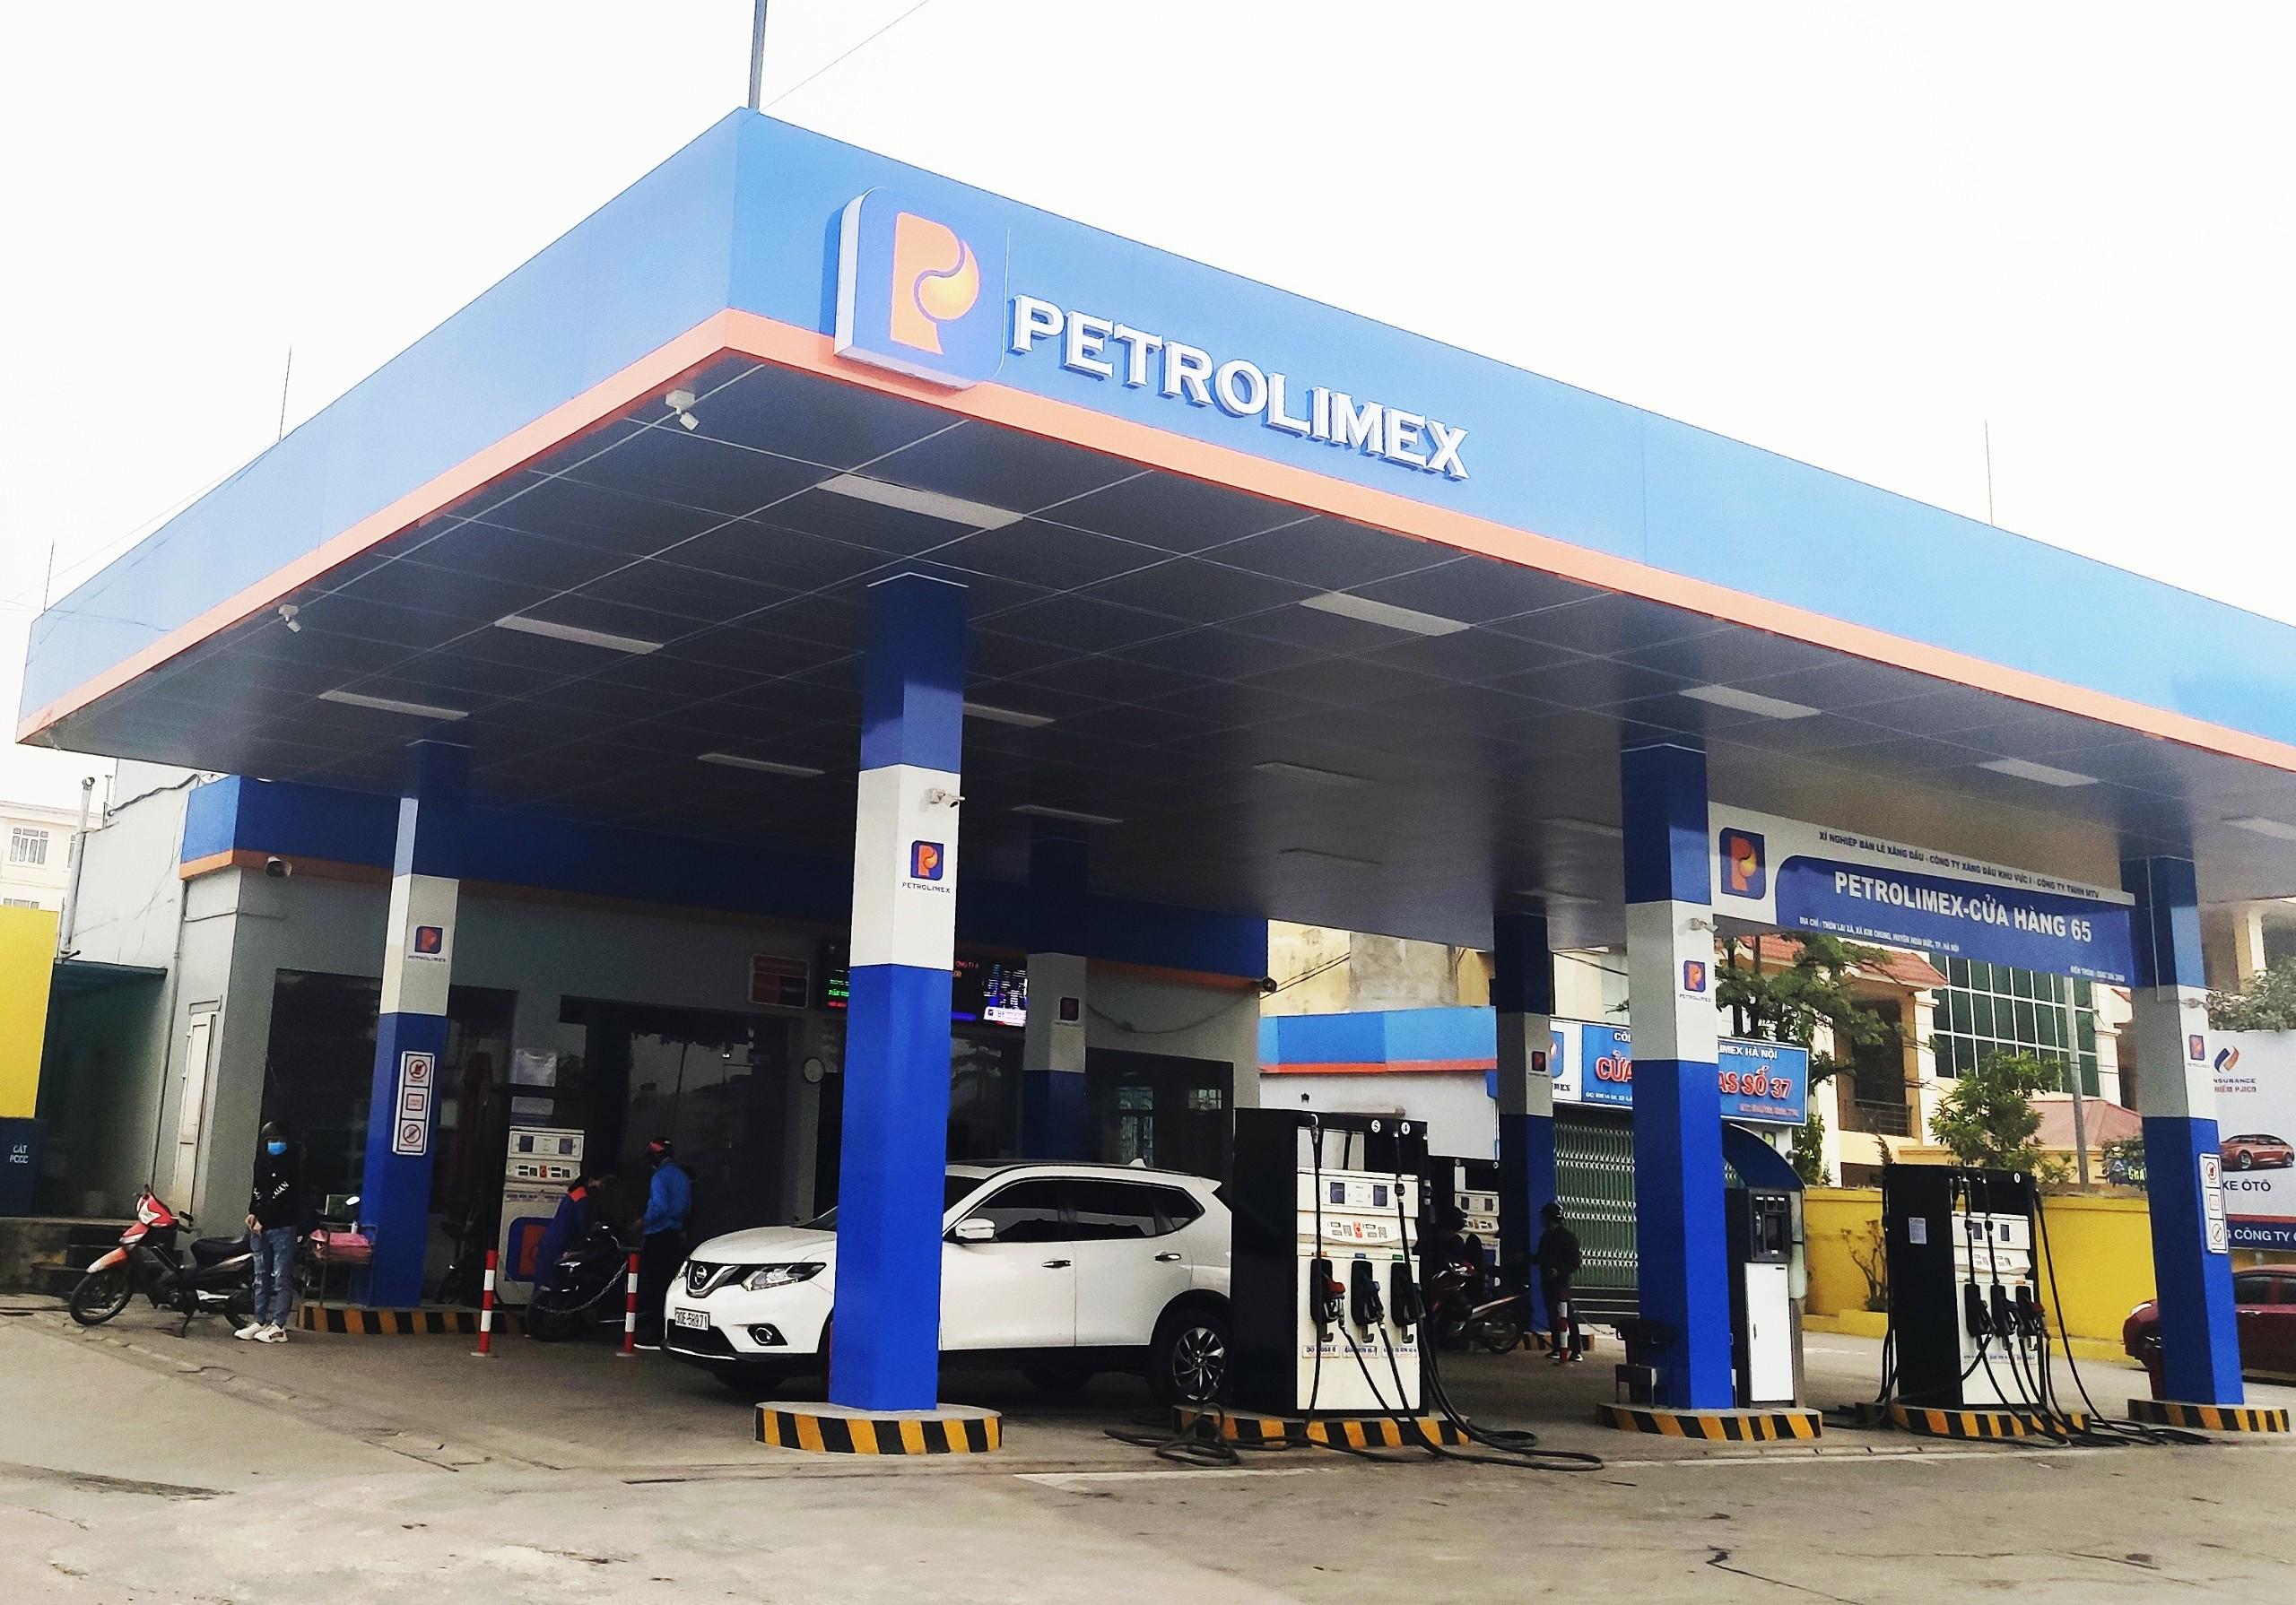 Petrolimex muốn bán 25 triệu cổ phiếu quỹ, giá trị tương ứng 1.360 tỷ đồng - Ảnh 1.